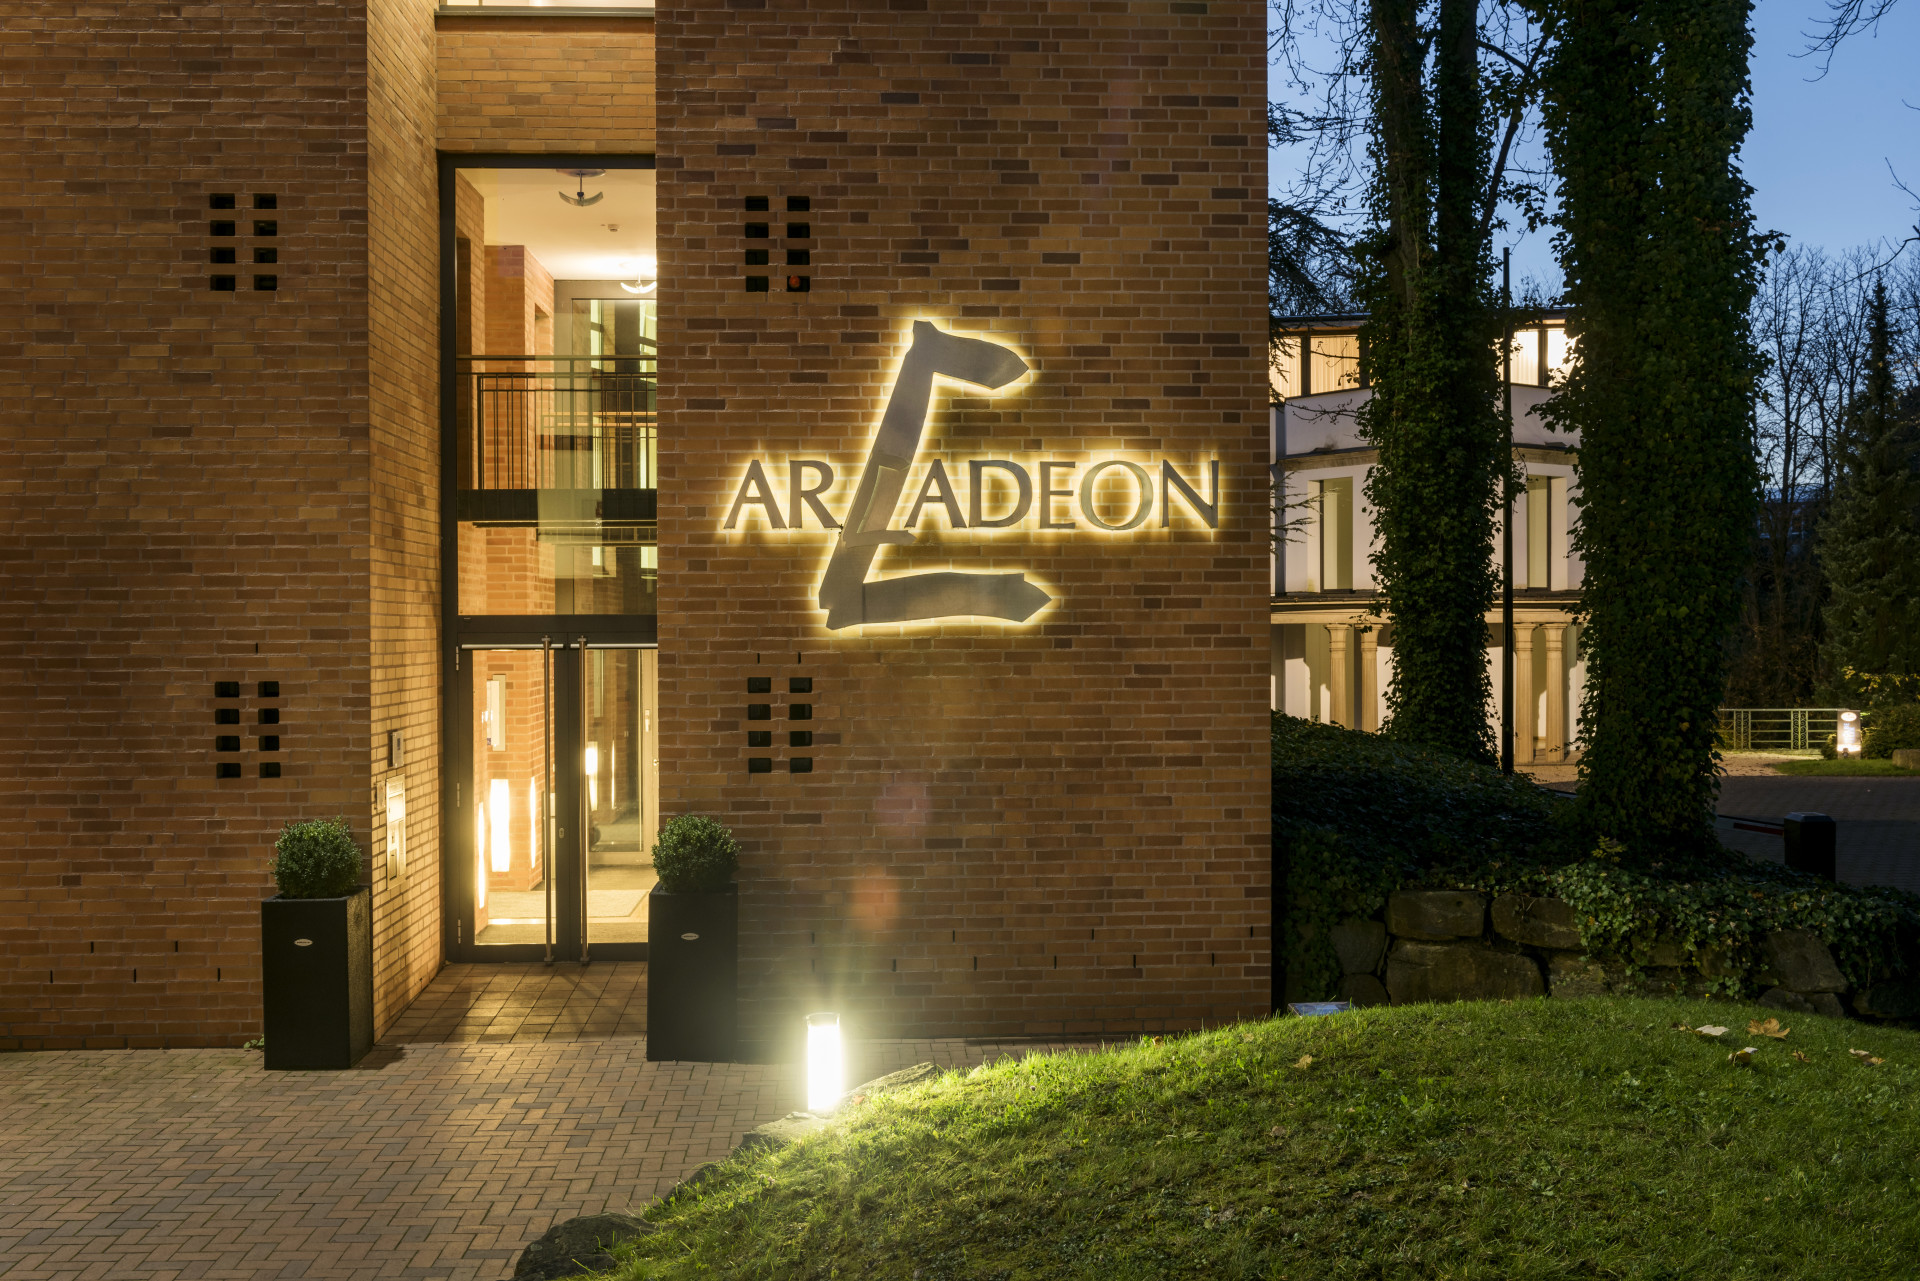 Das Foto ist ausschließlich für PR- und Marketingmaßnahmen des Hotel ARCADEON - D-Hagen zu verwenden. Jegliche Nutzung Dritter muss mit dem Bildautor Günter Standl (www.guenterstandl.de) - (Tel.: 00491714327116) gesondert vereinbart werden.